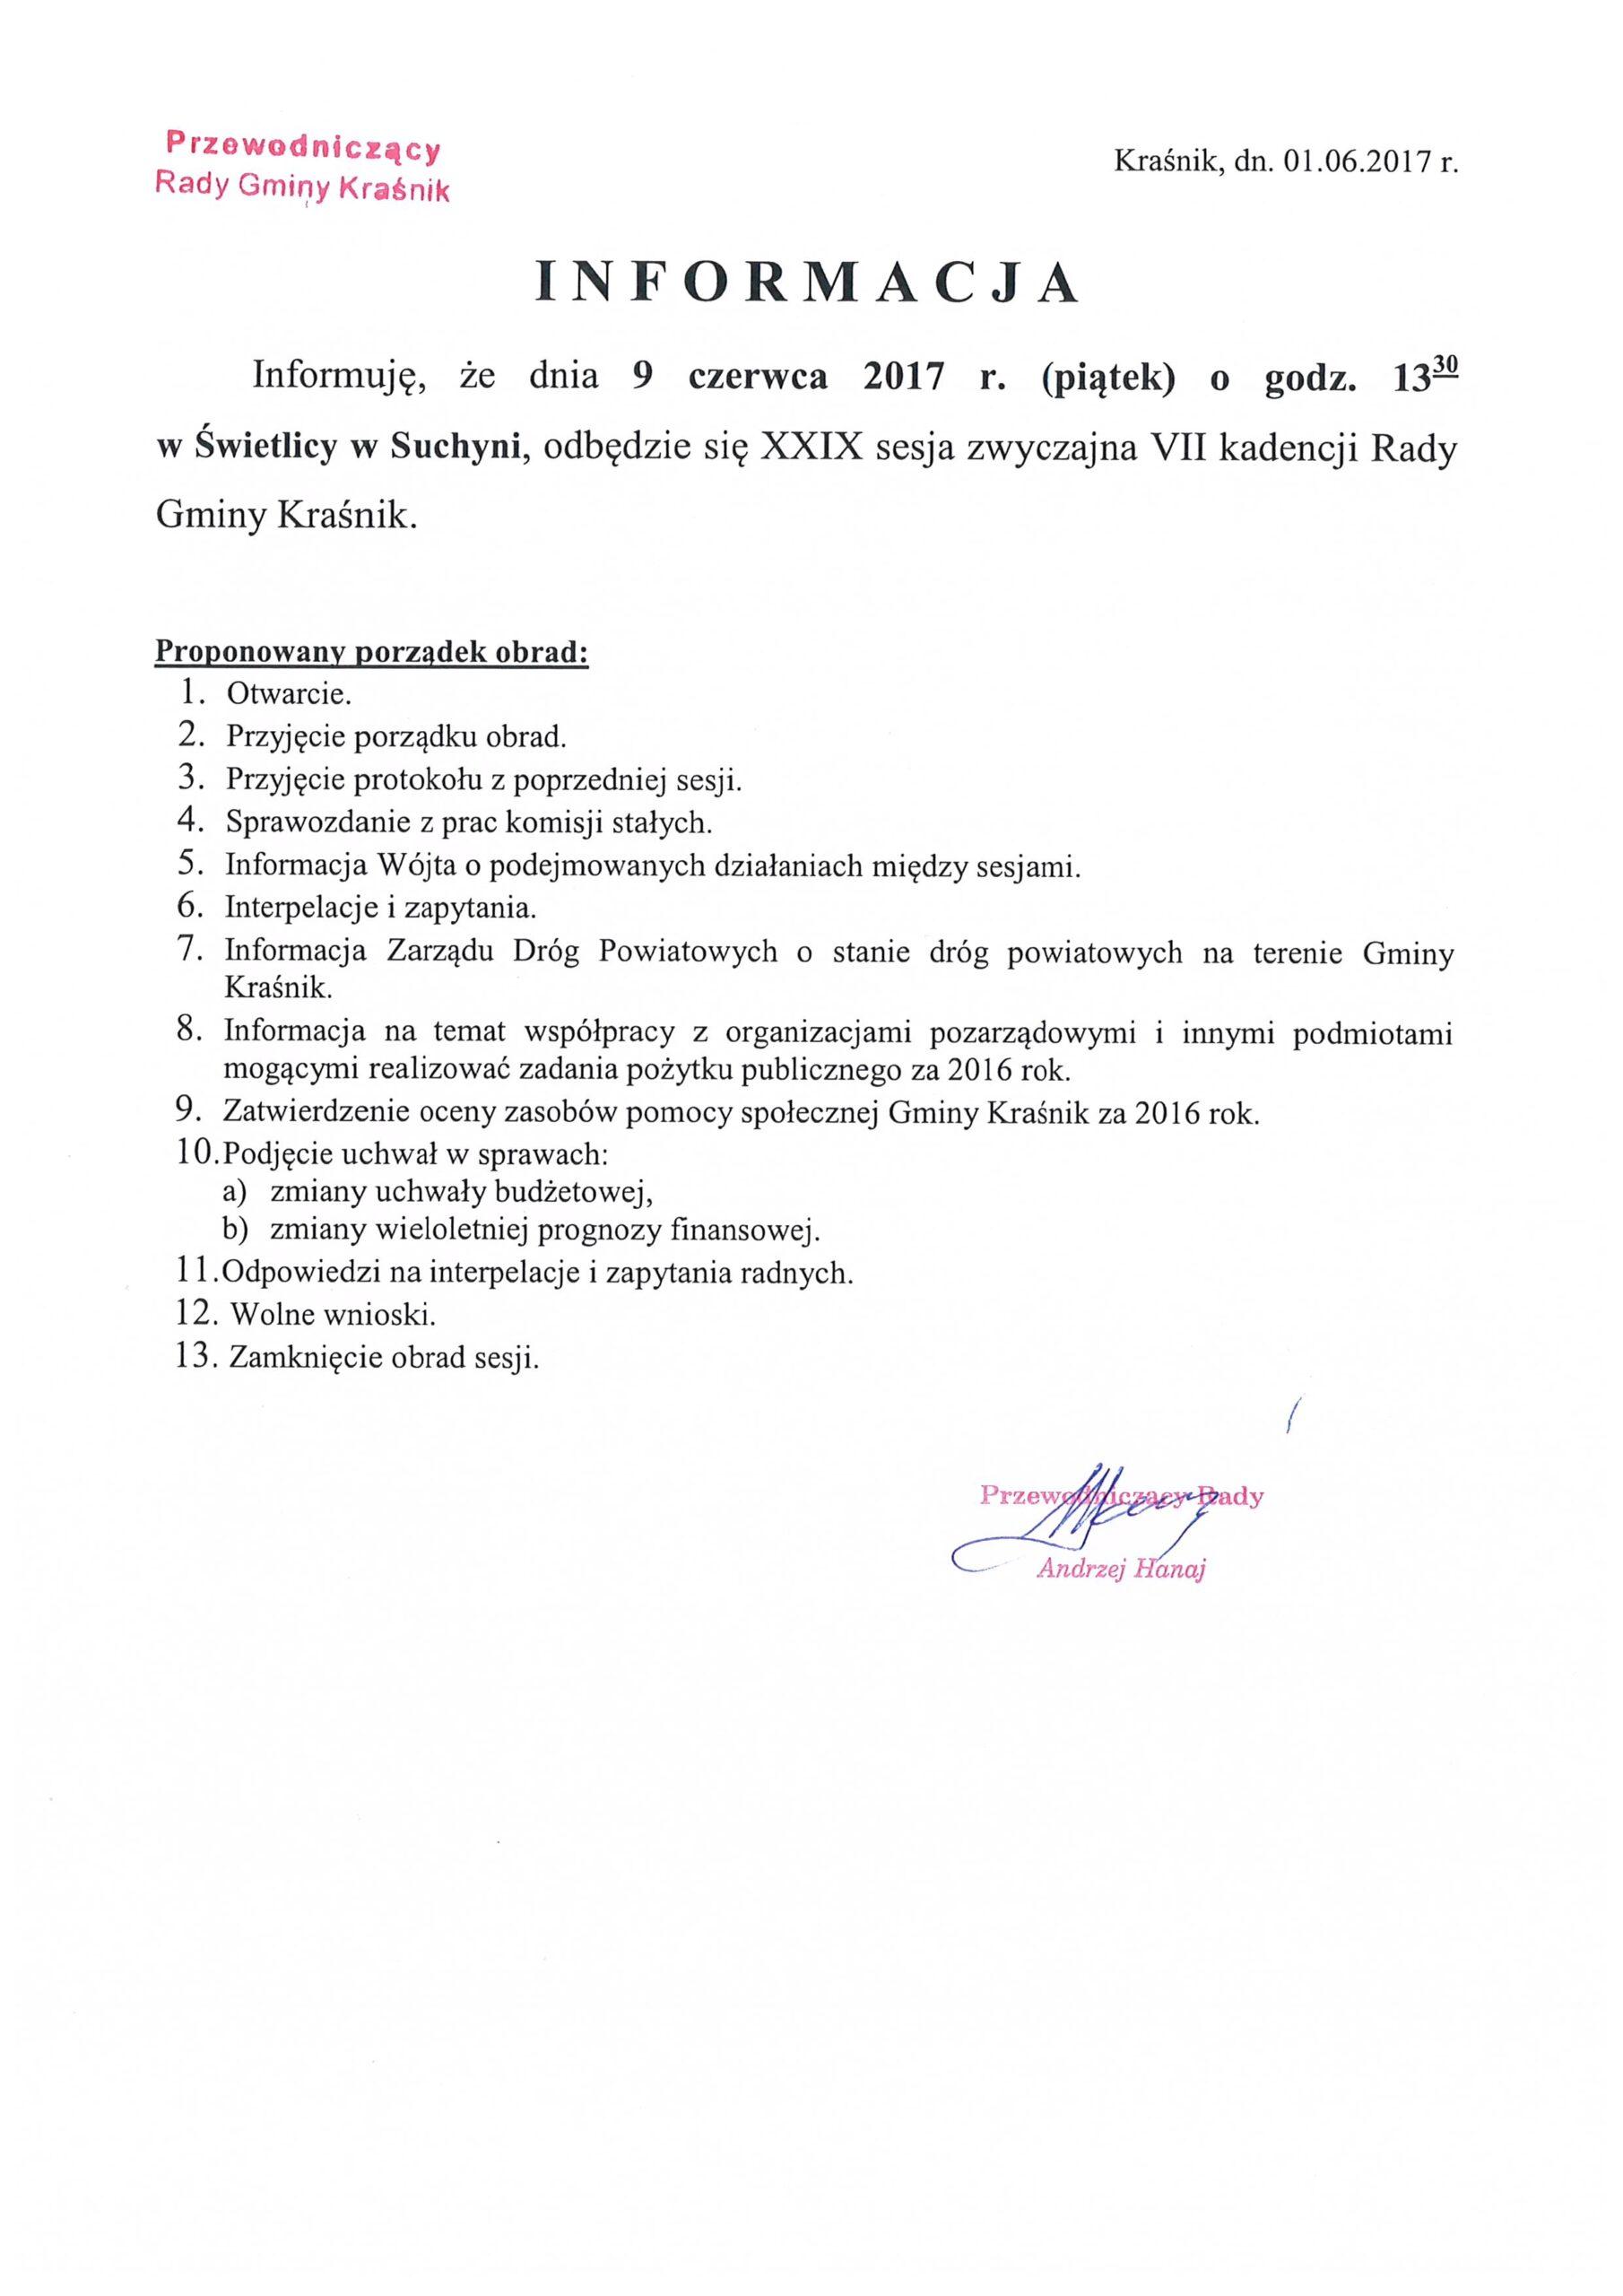 informacja o sesji XXIX scaled